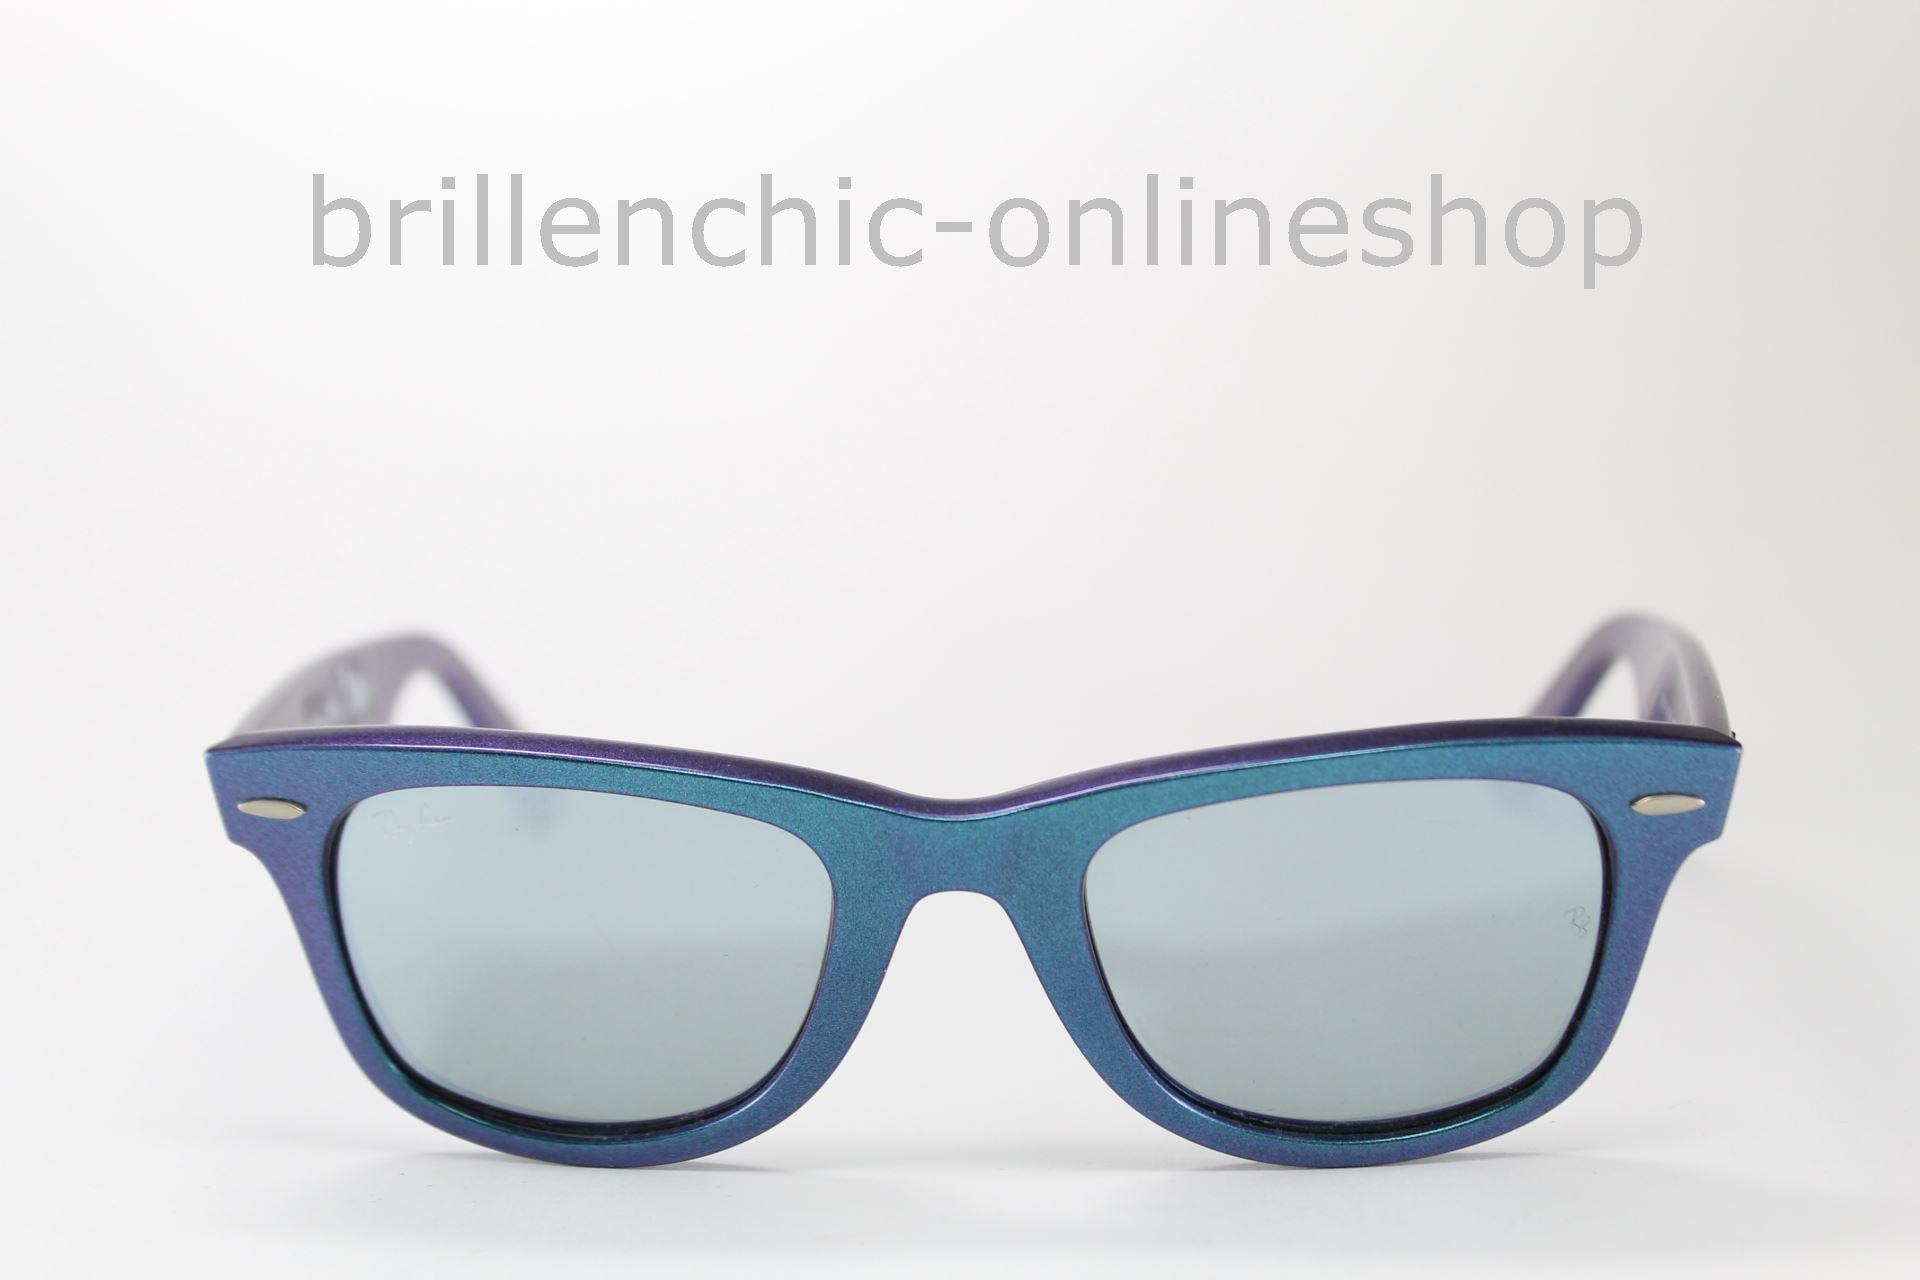 6a75797bfa Brillenchic - onlineshop Berlin Ihr starker Partner für exklusive ...